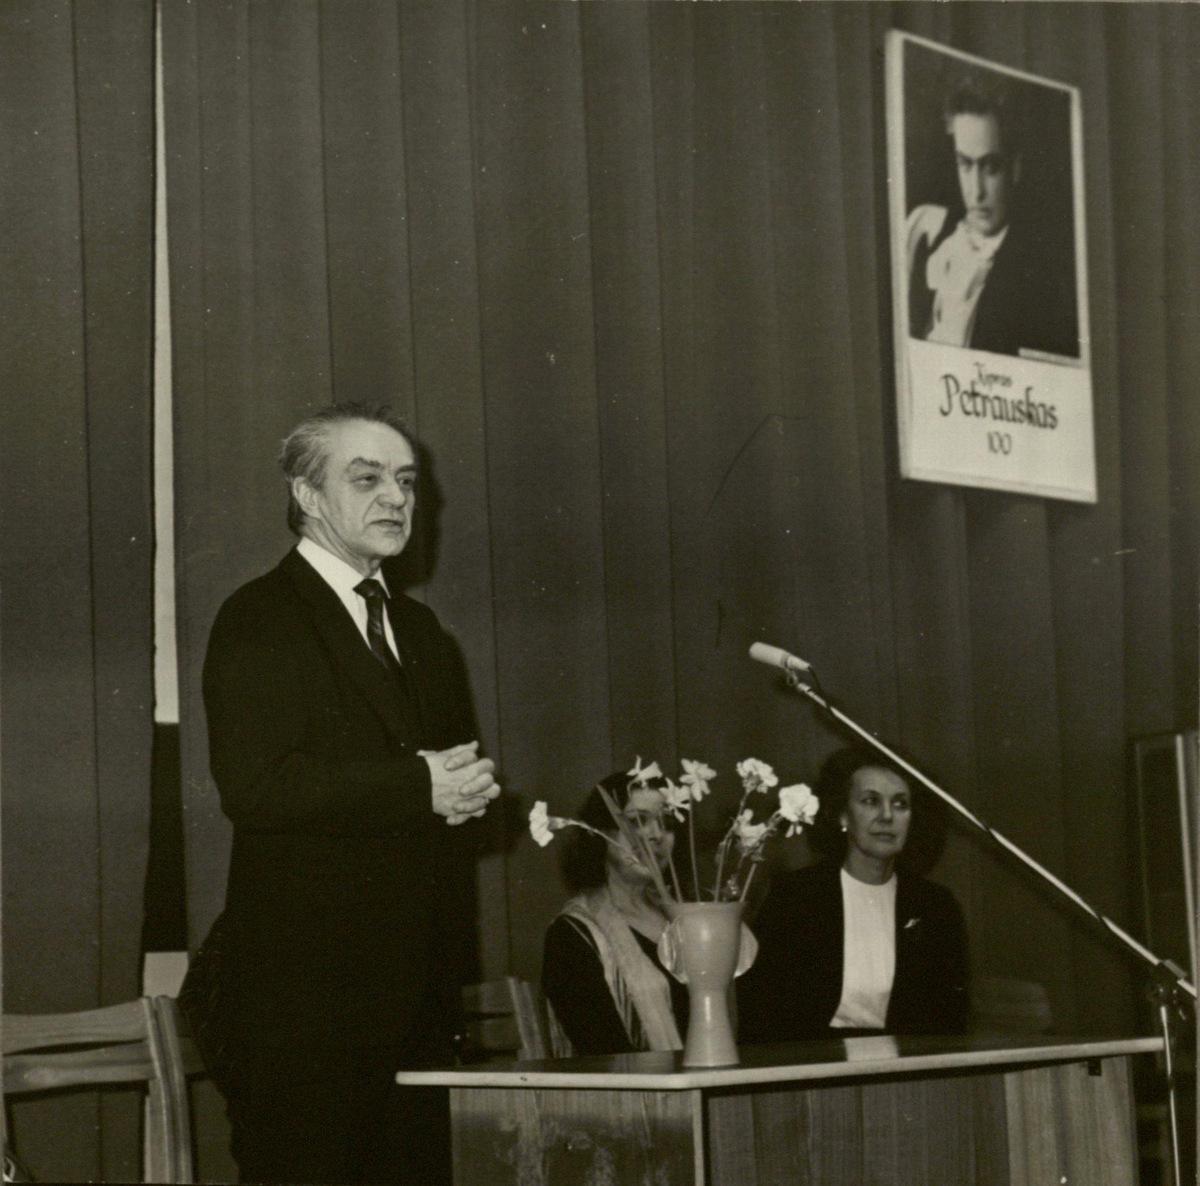 K. Petrausko 100-ųjų gimimo metinių minėjime Lietuvos nacionalinėje bibliotekoje. 1985 m.